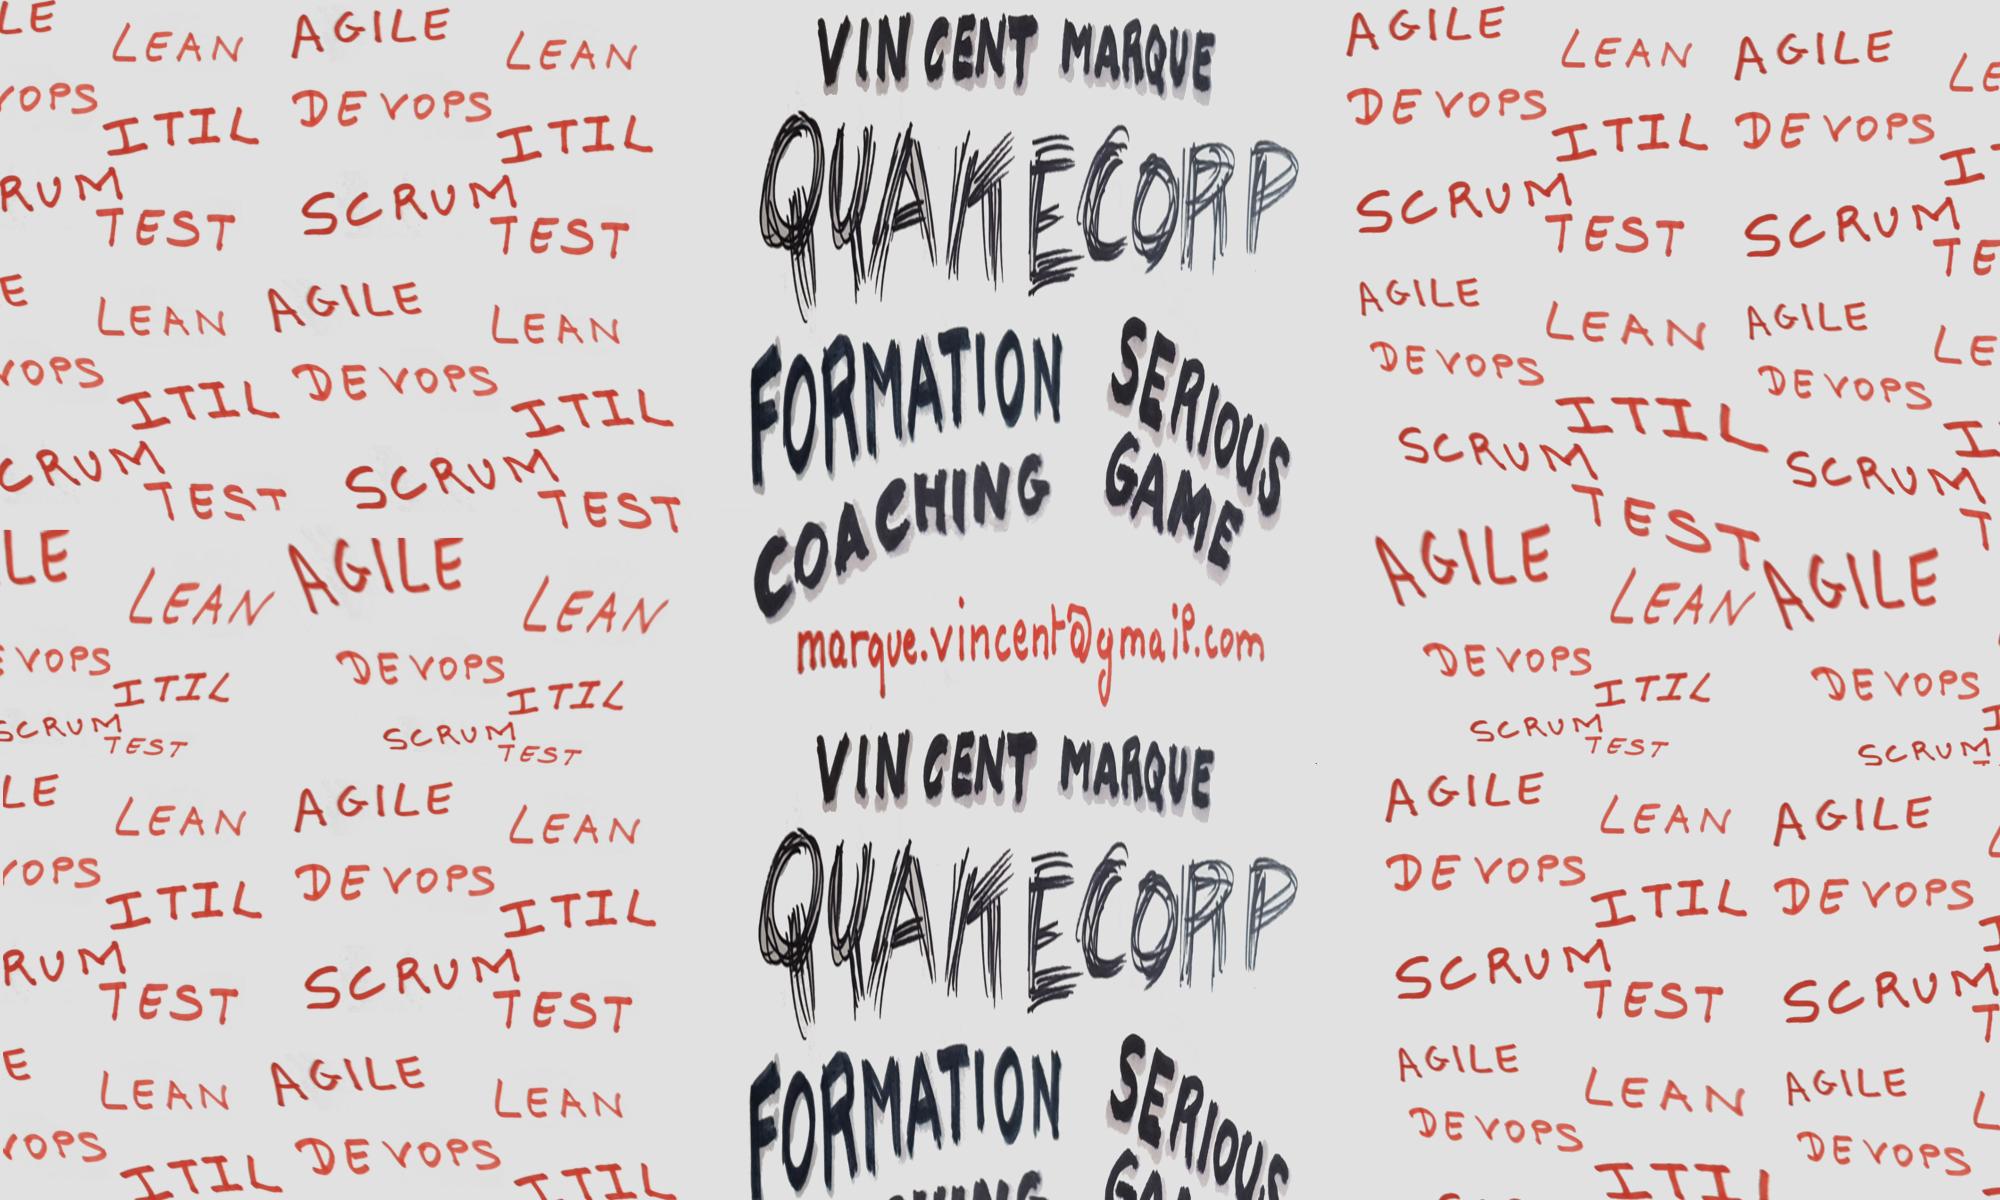 Quakecorp - Vincent Marqué services et formations